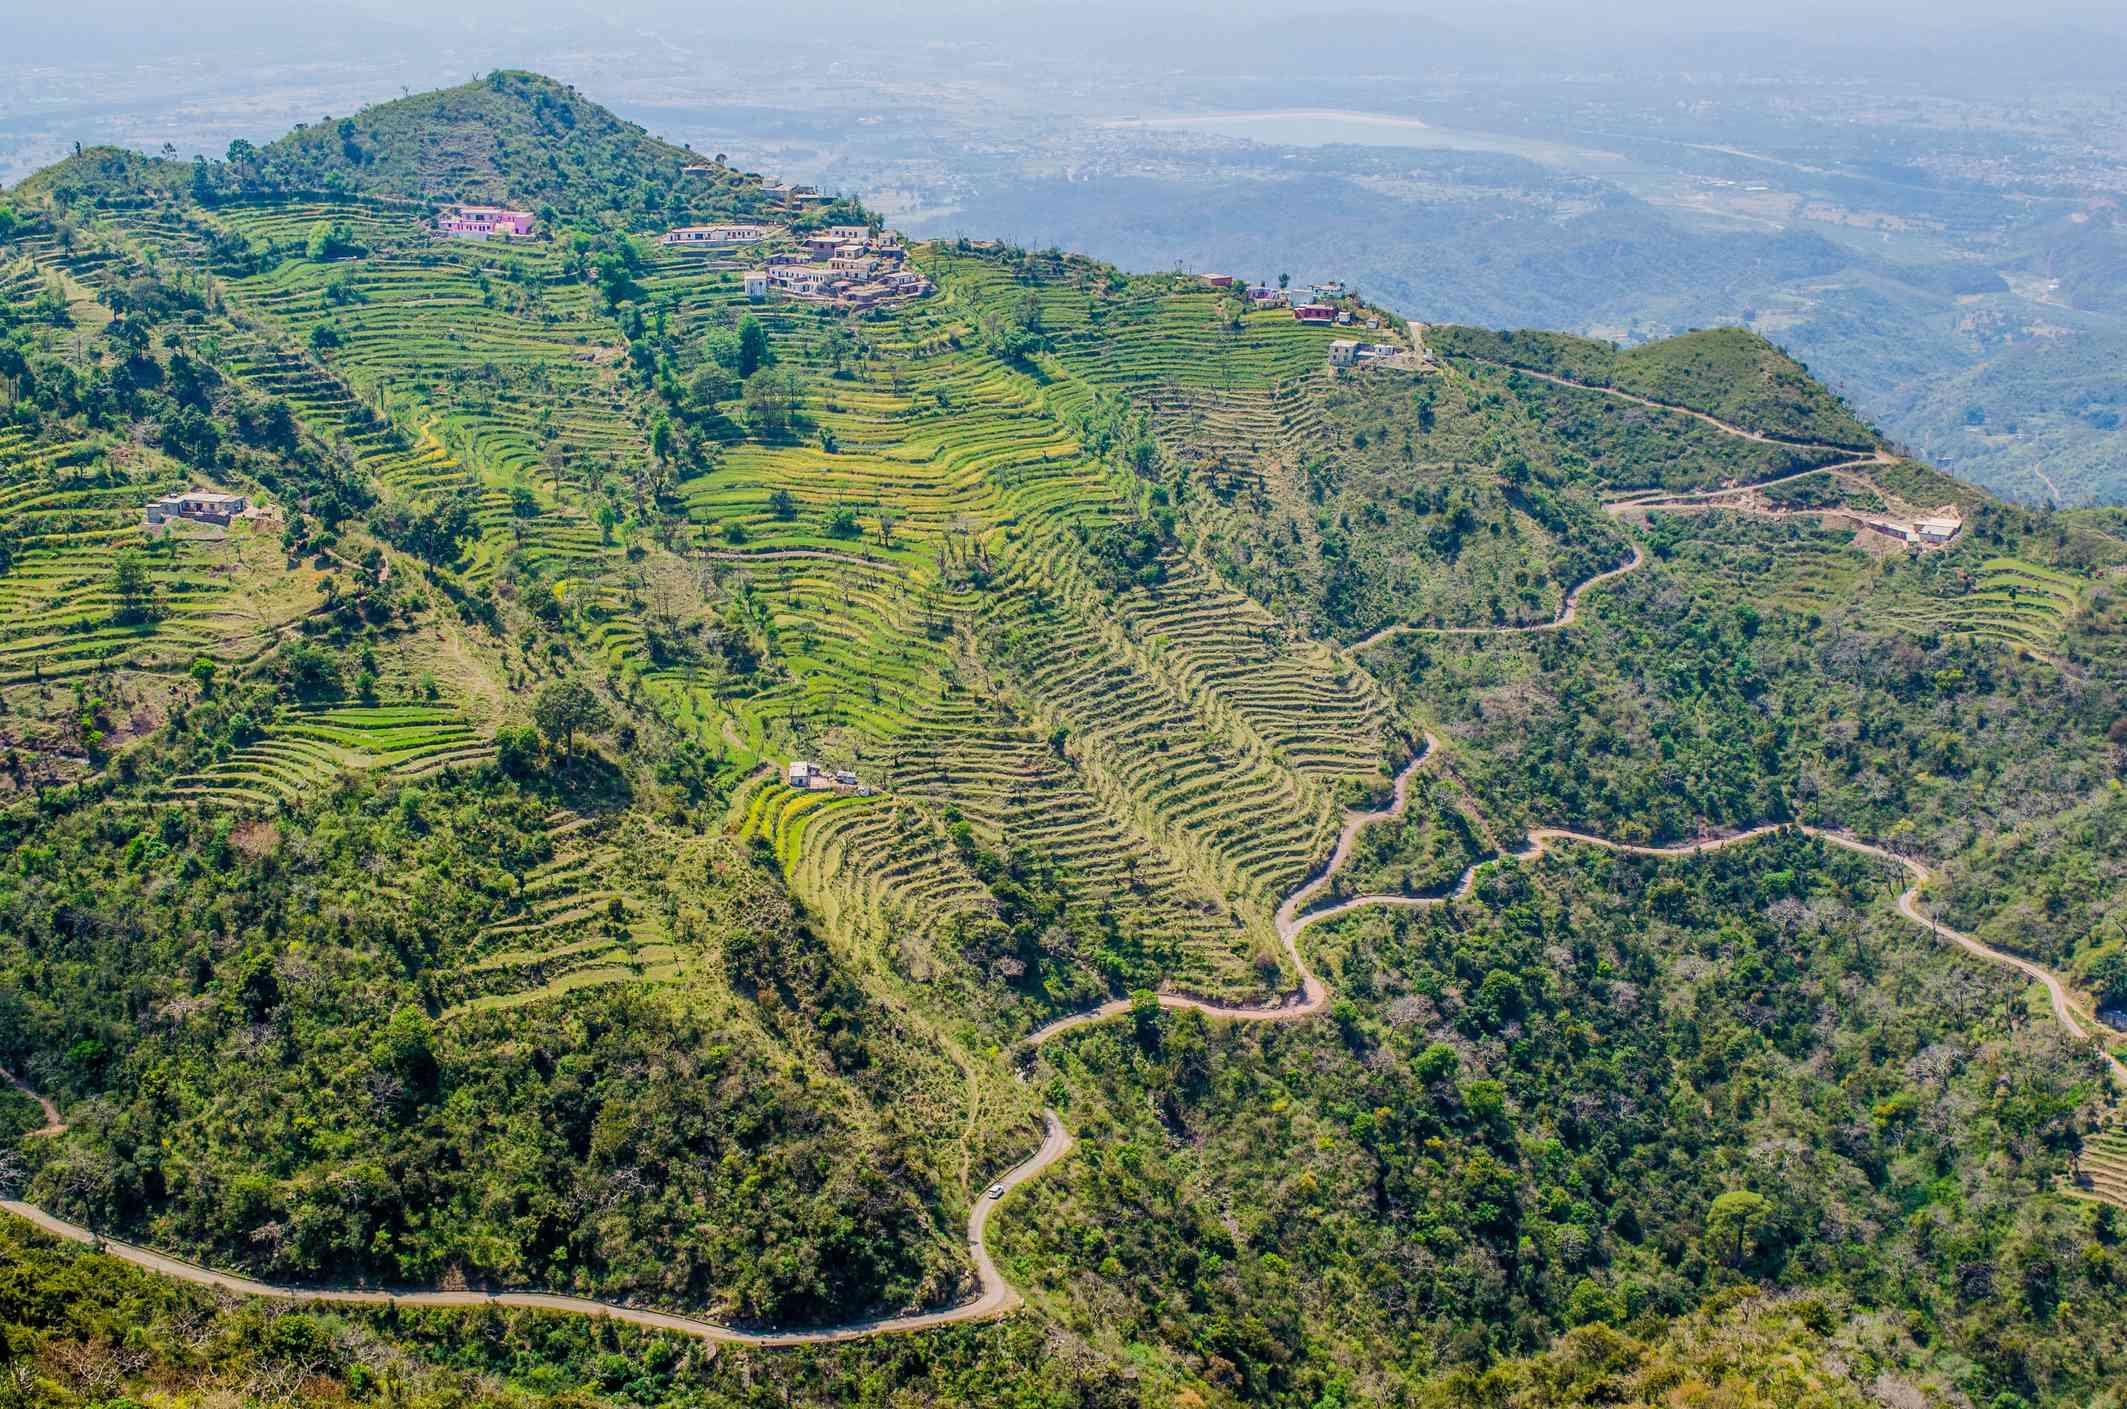 The step farming in Shivalik range